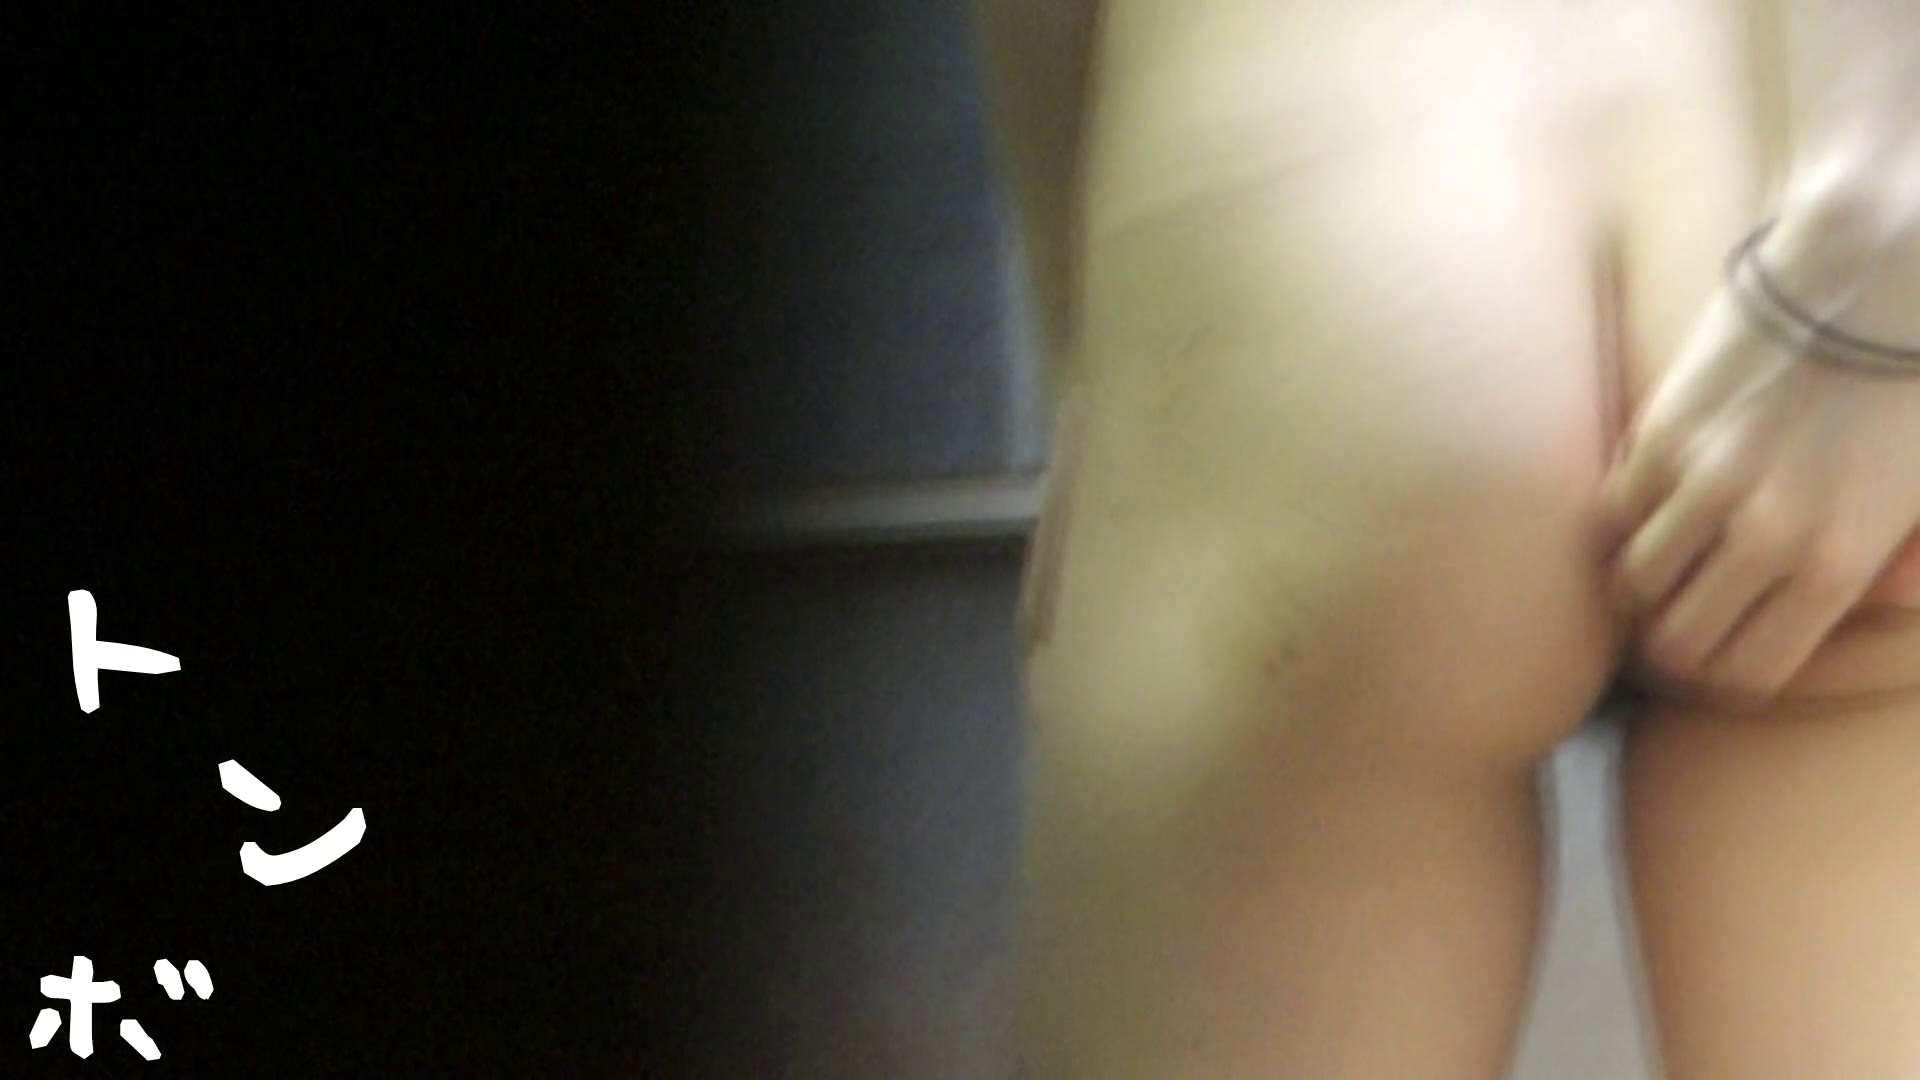 リアル盗撮 現役女子大生の私生活2 女子大生 ヌード画像 105画像 10